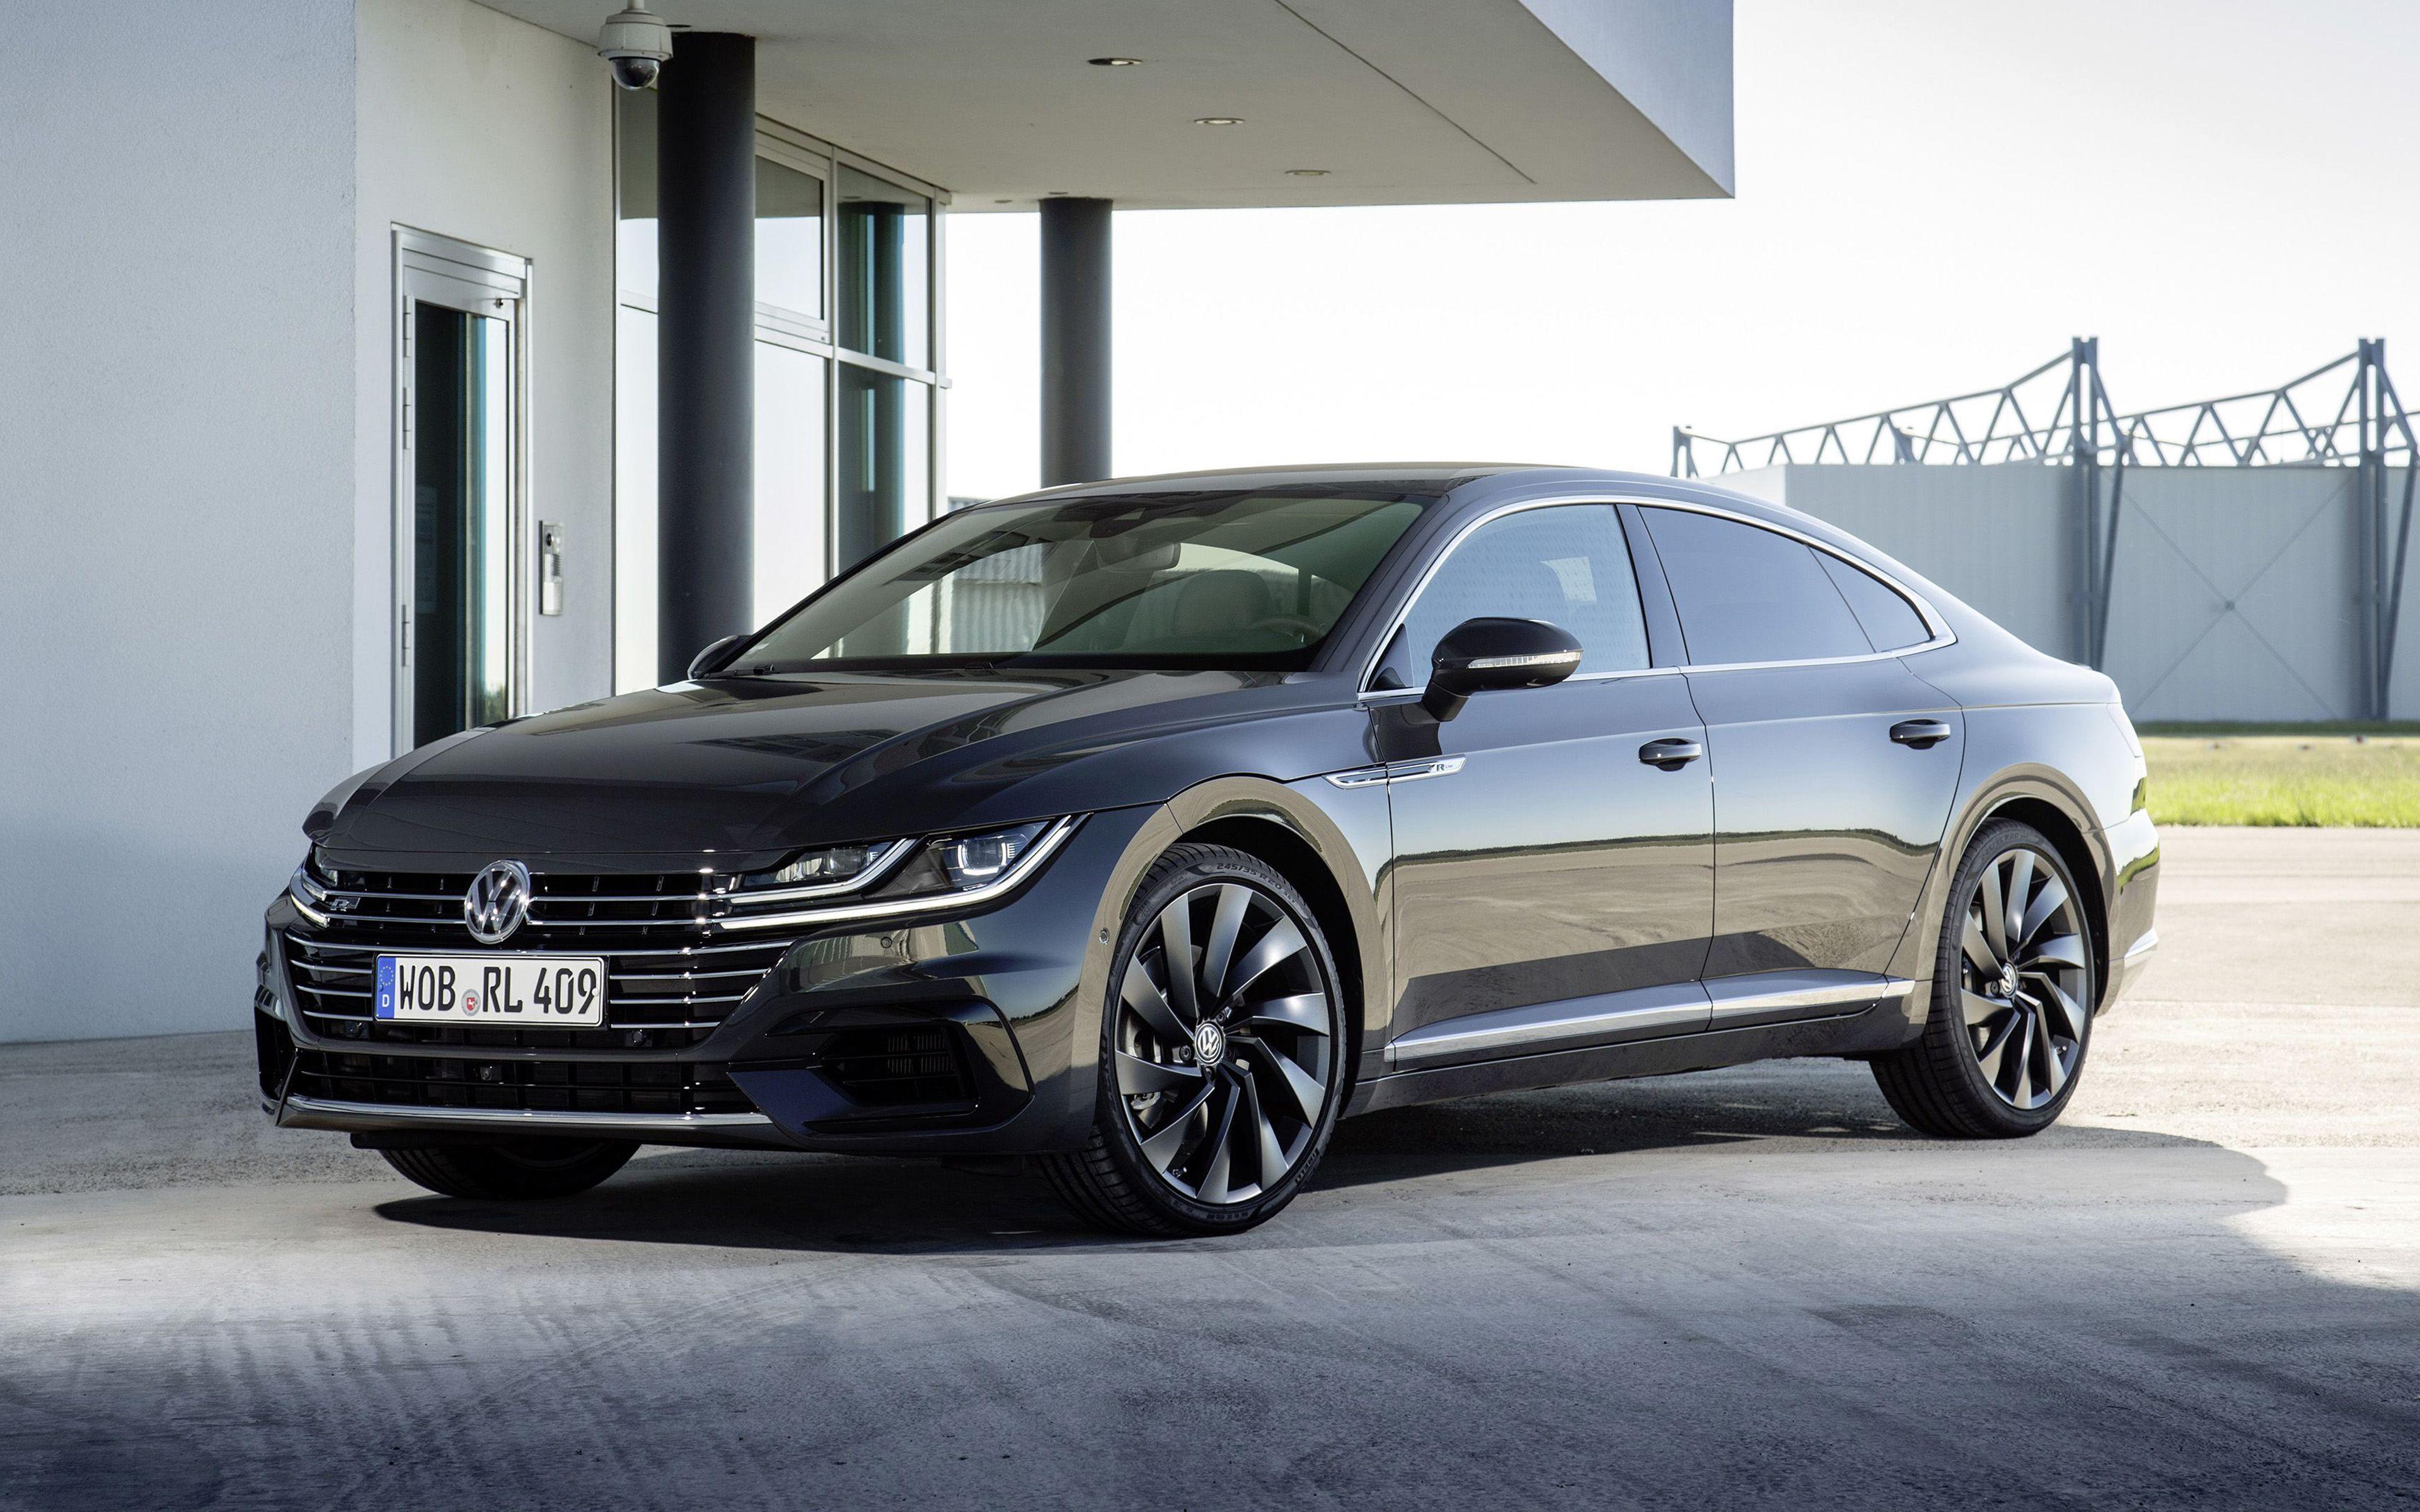 Volkswagen Arteon R Line 2018 4k Black Sports Sedan Tuning Black Arteon New Cars Volkswagen Carros Vw Sedan Desportivo